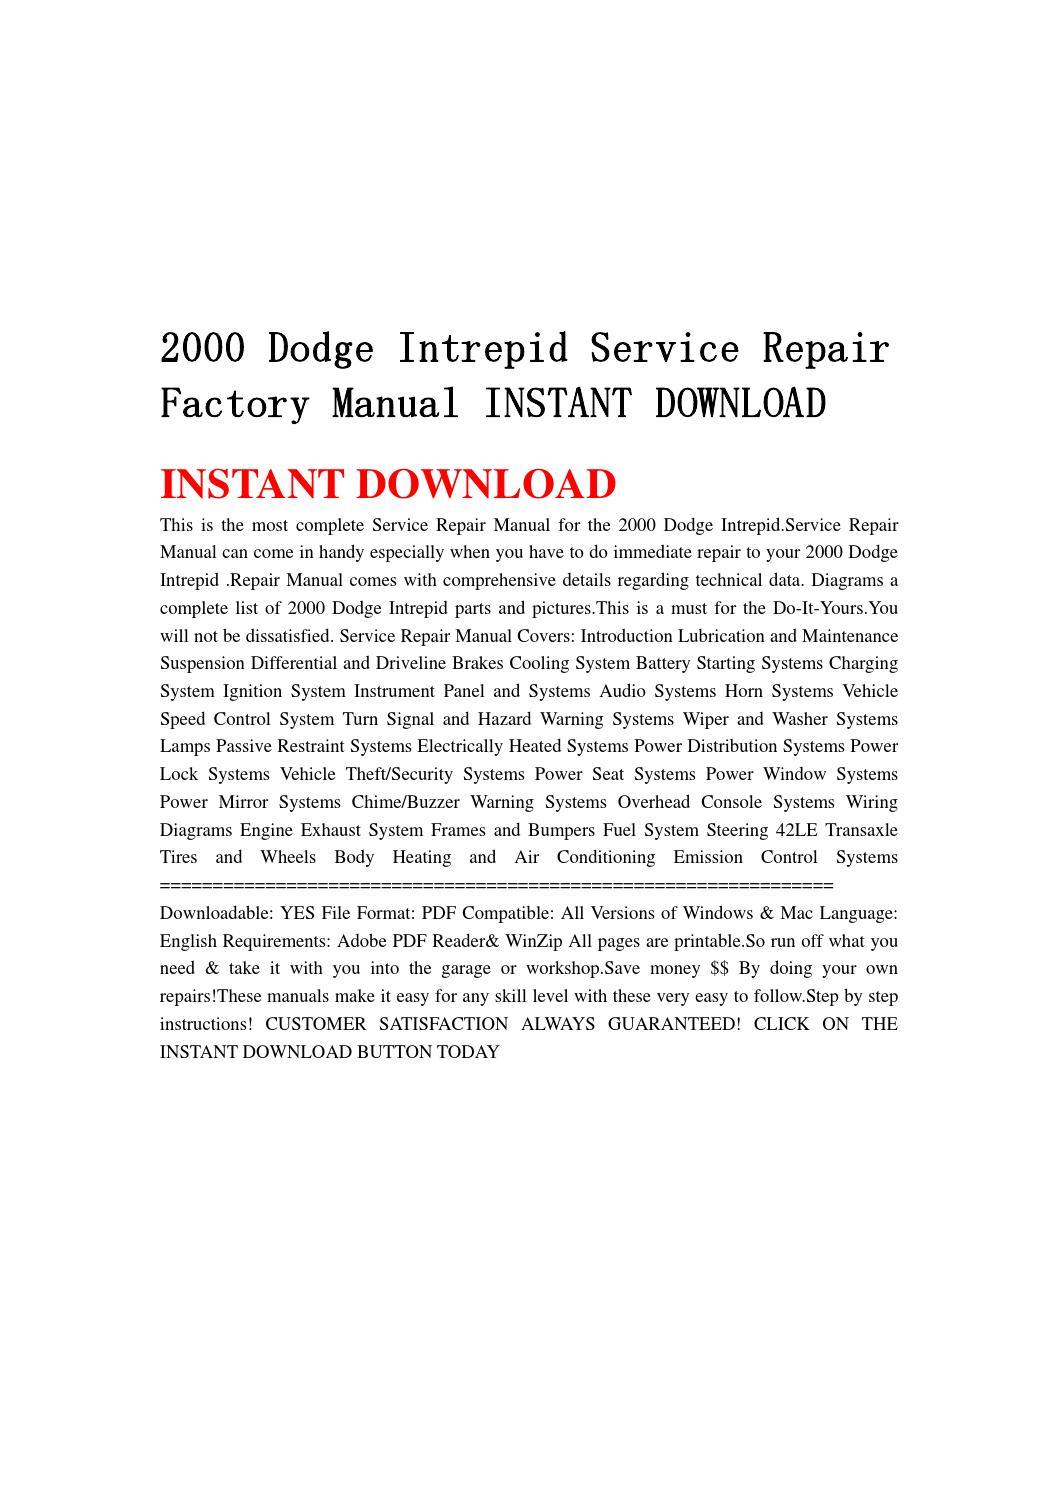 Dodge Intrepid Repair Manuals